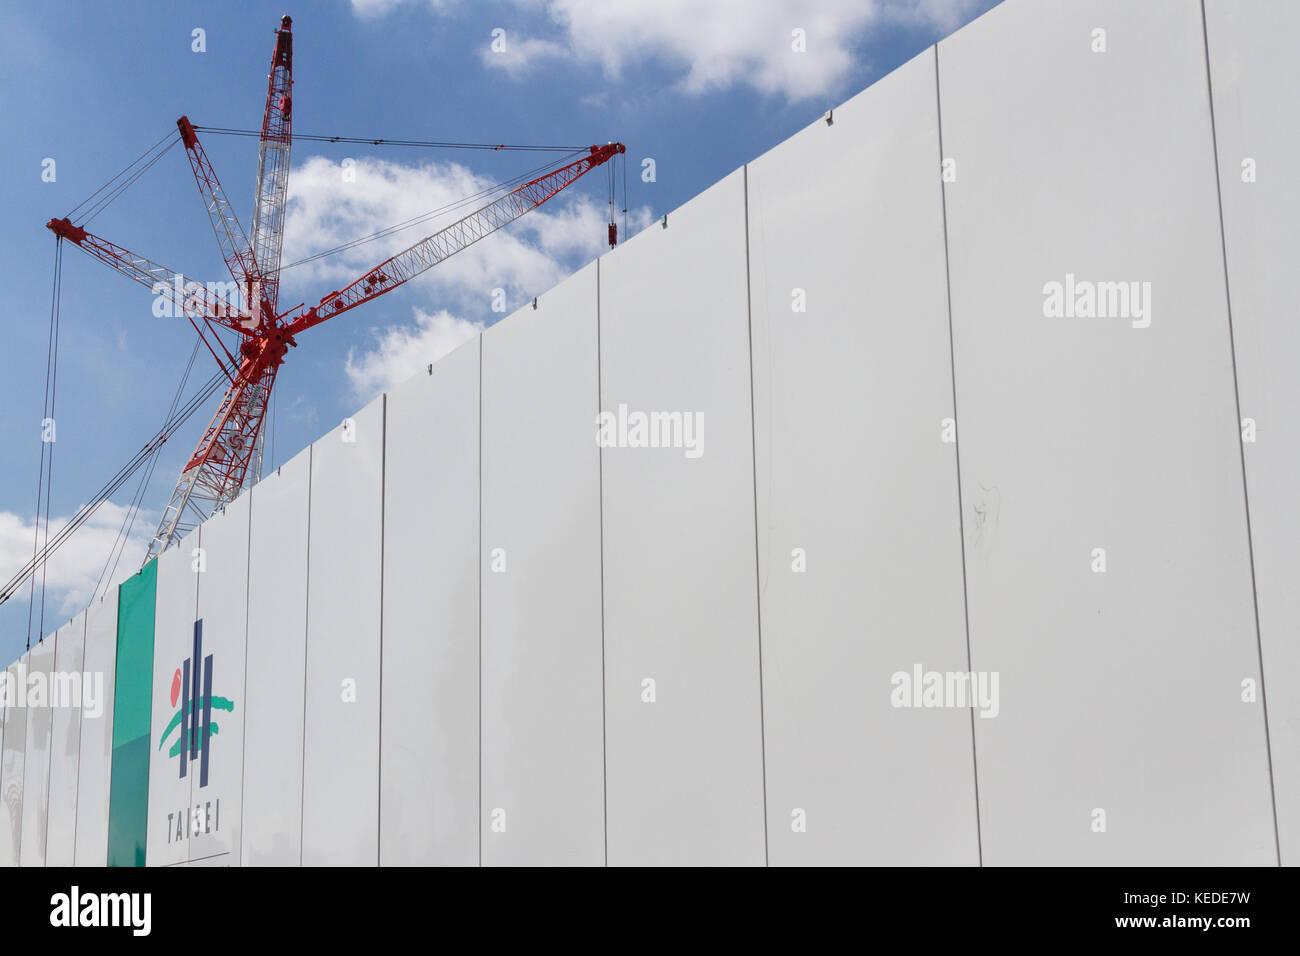 Un bastón por encima de una pared con la construcción, Taisei nombre y logo de la empresa en la construcción Imagen De Stock